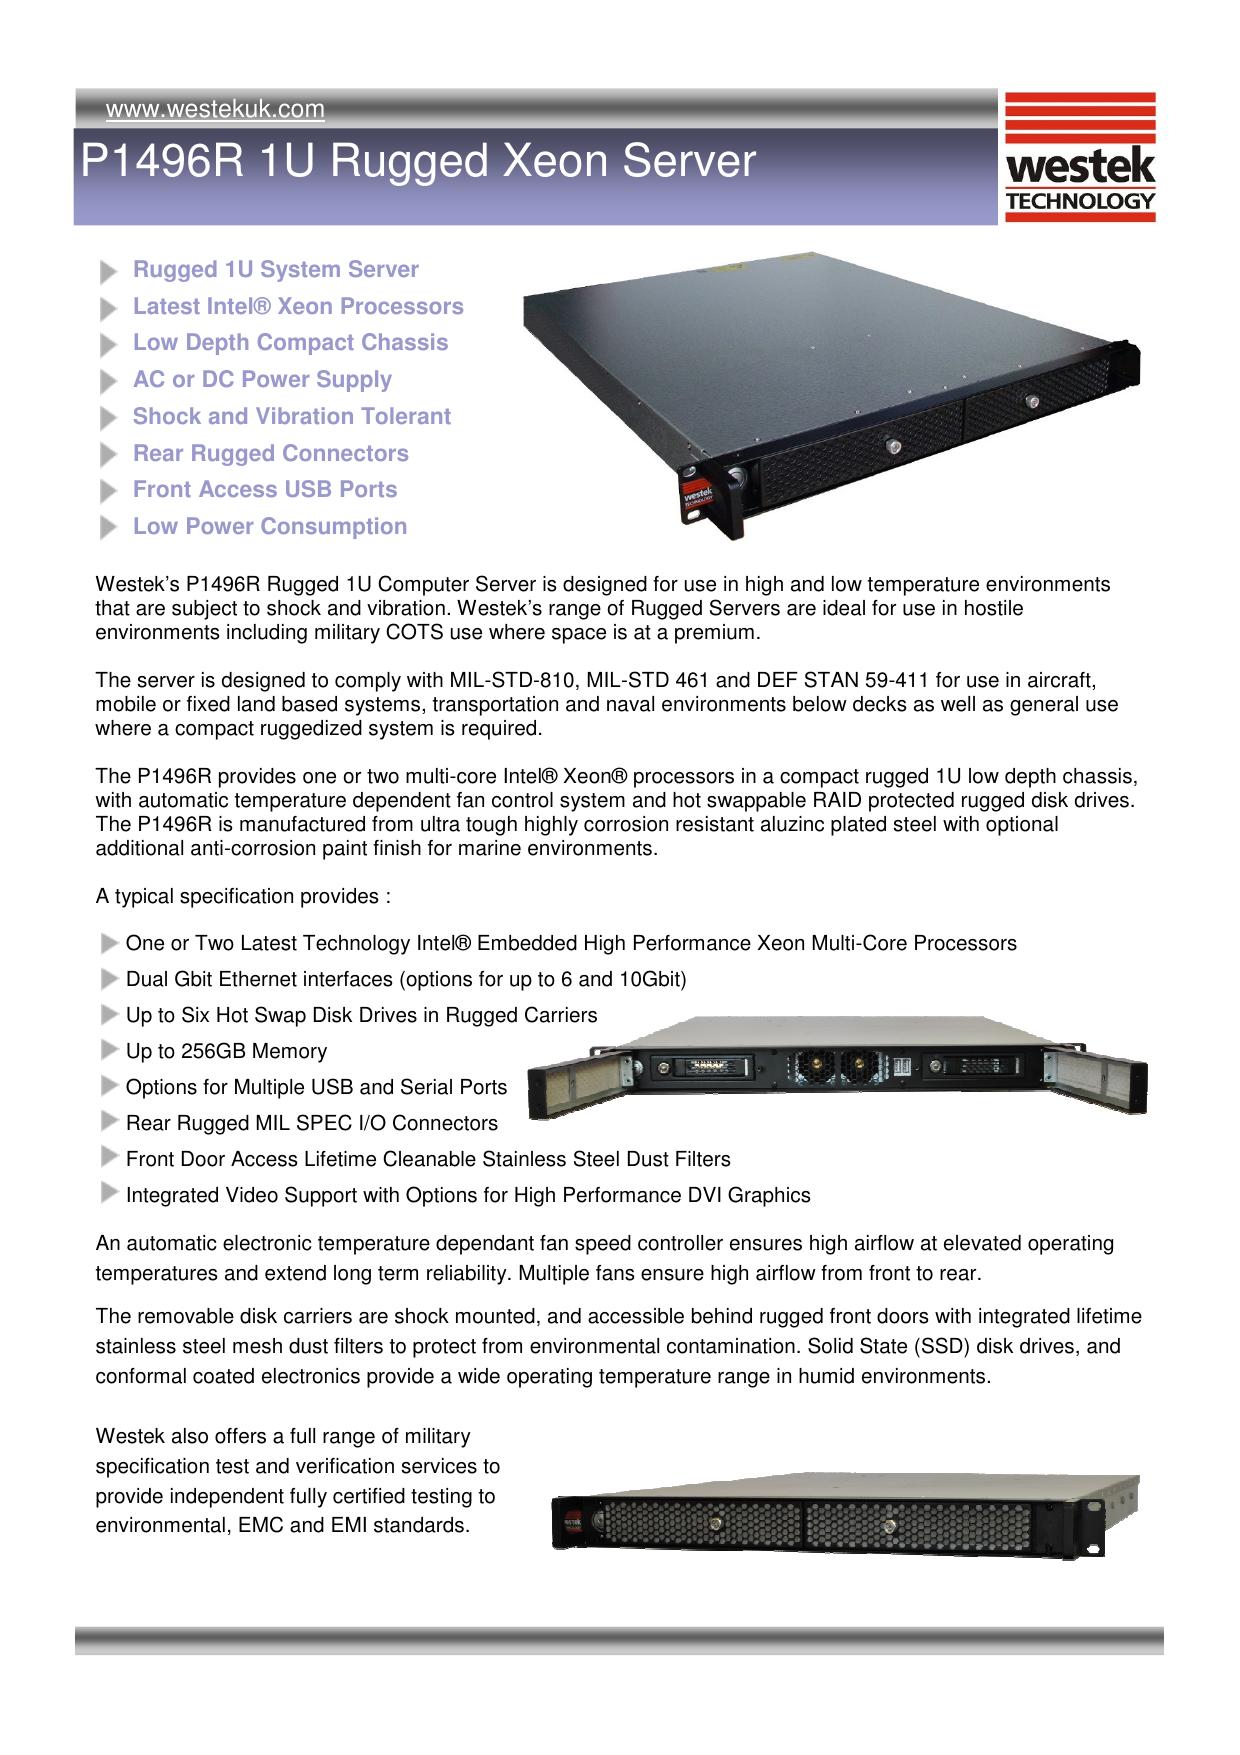 P1496R Rugged Server pub | manualzz com